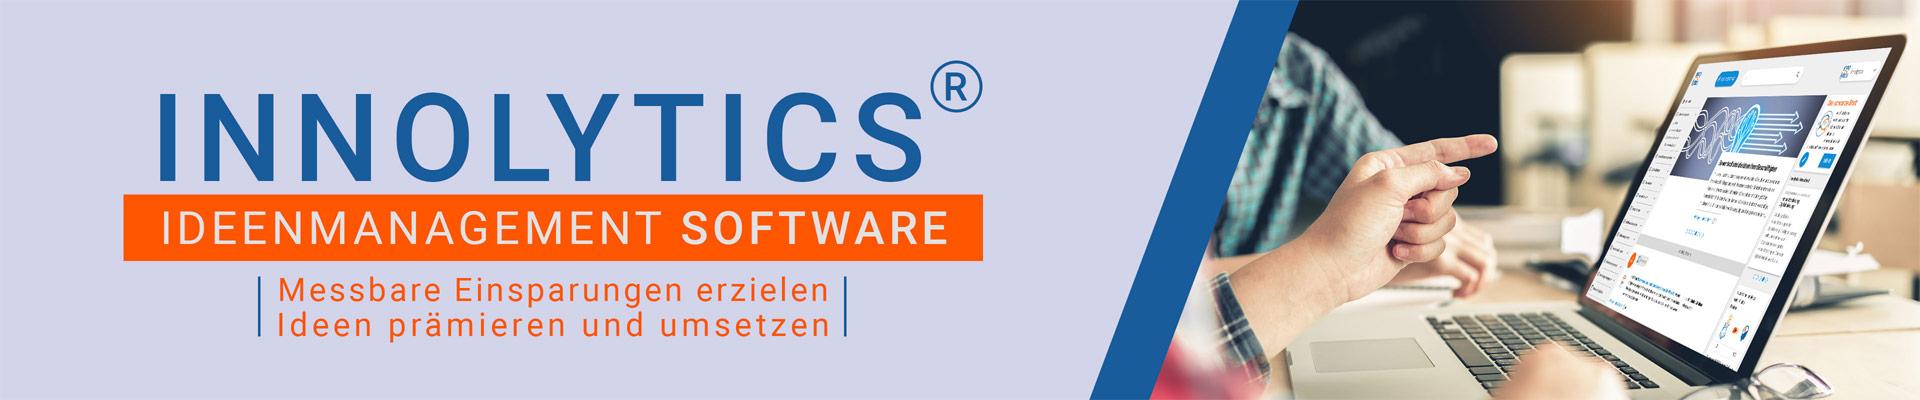 Das Bild zeigt die Ideenmanagement-Software der Innolytics GmbH